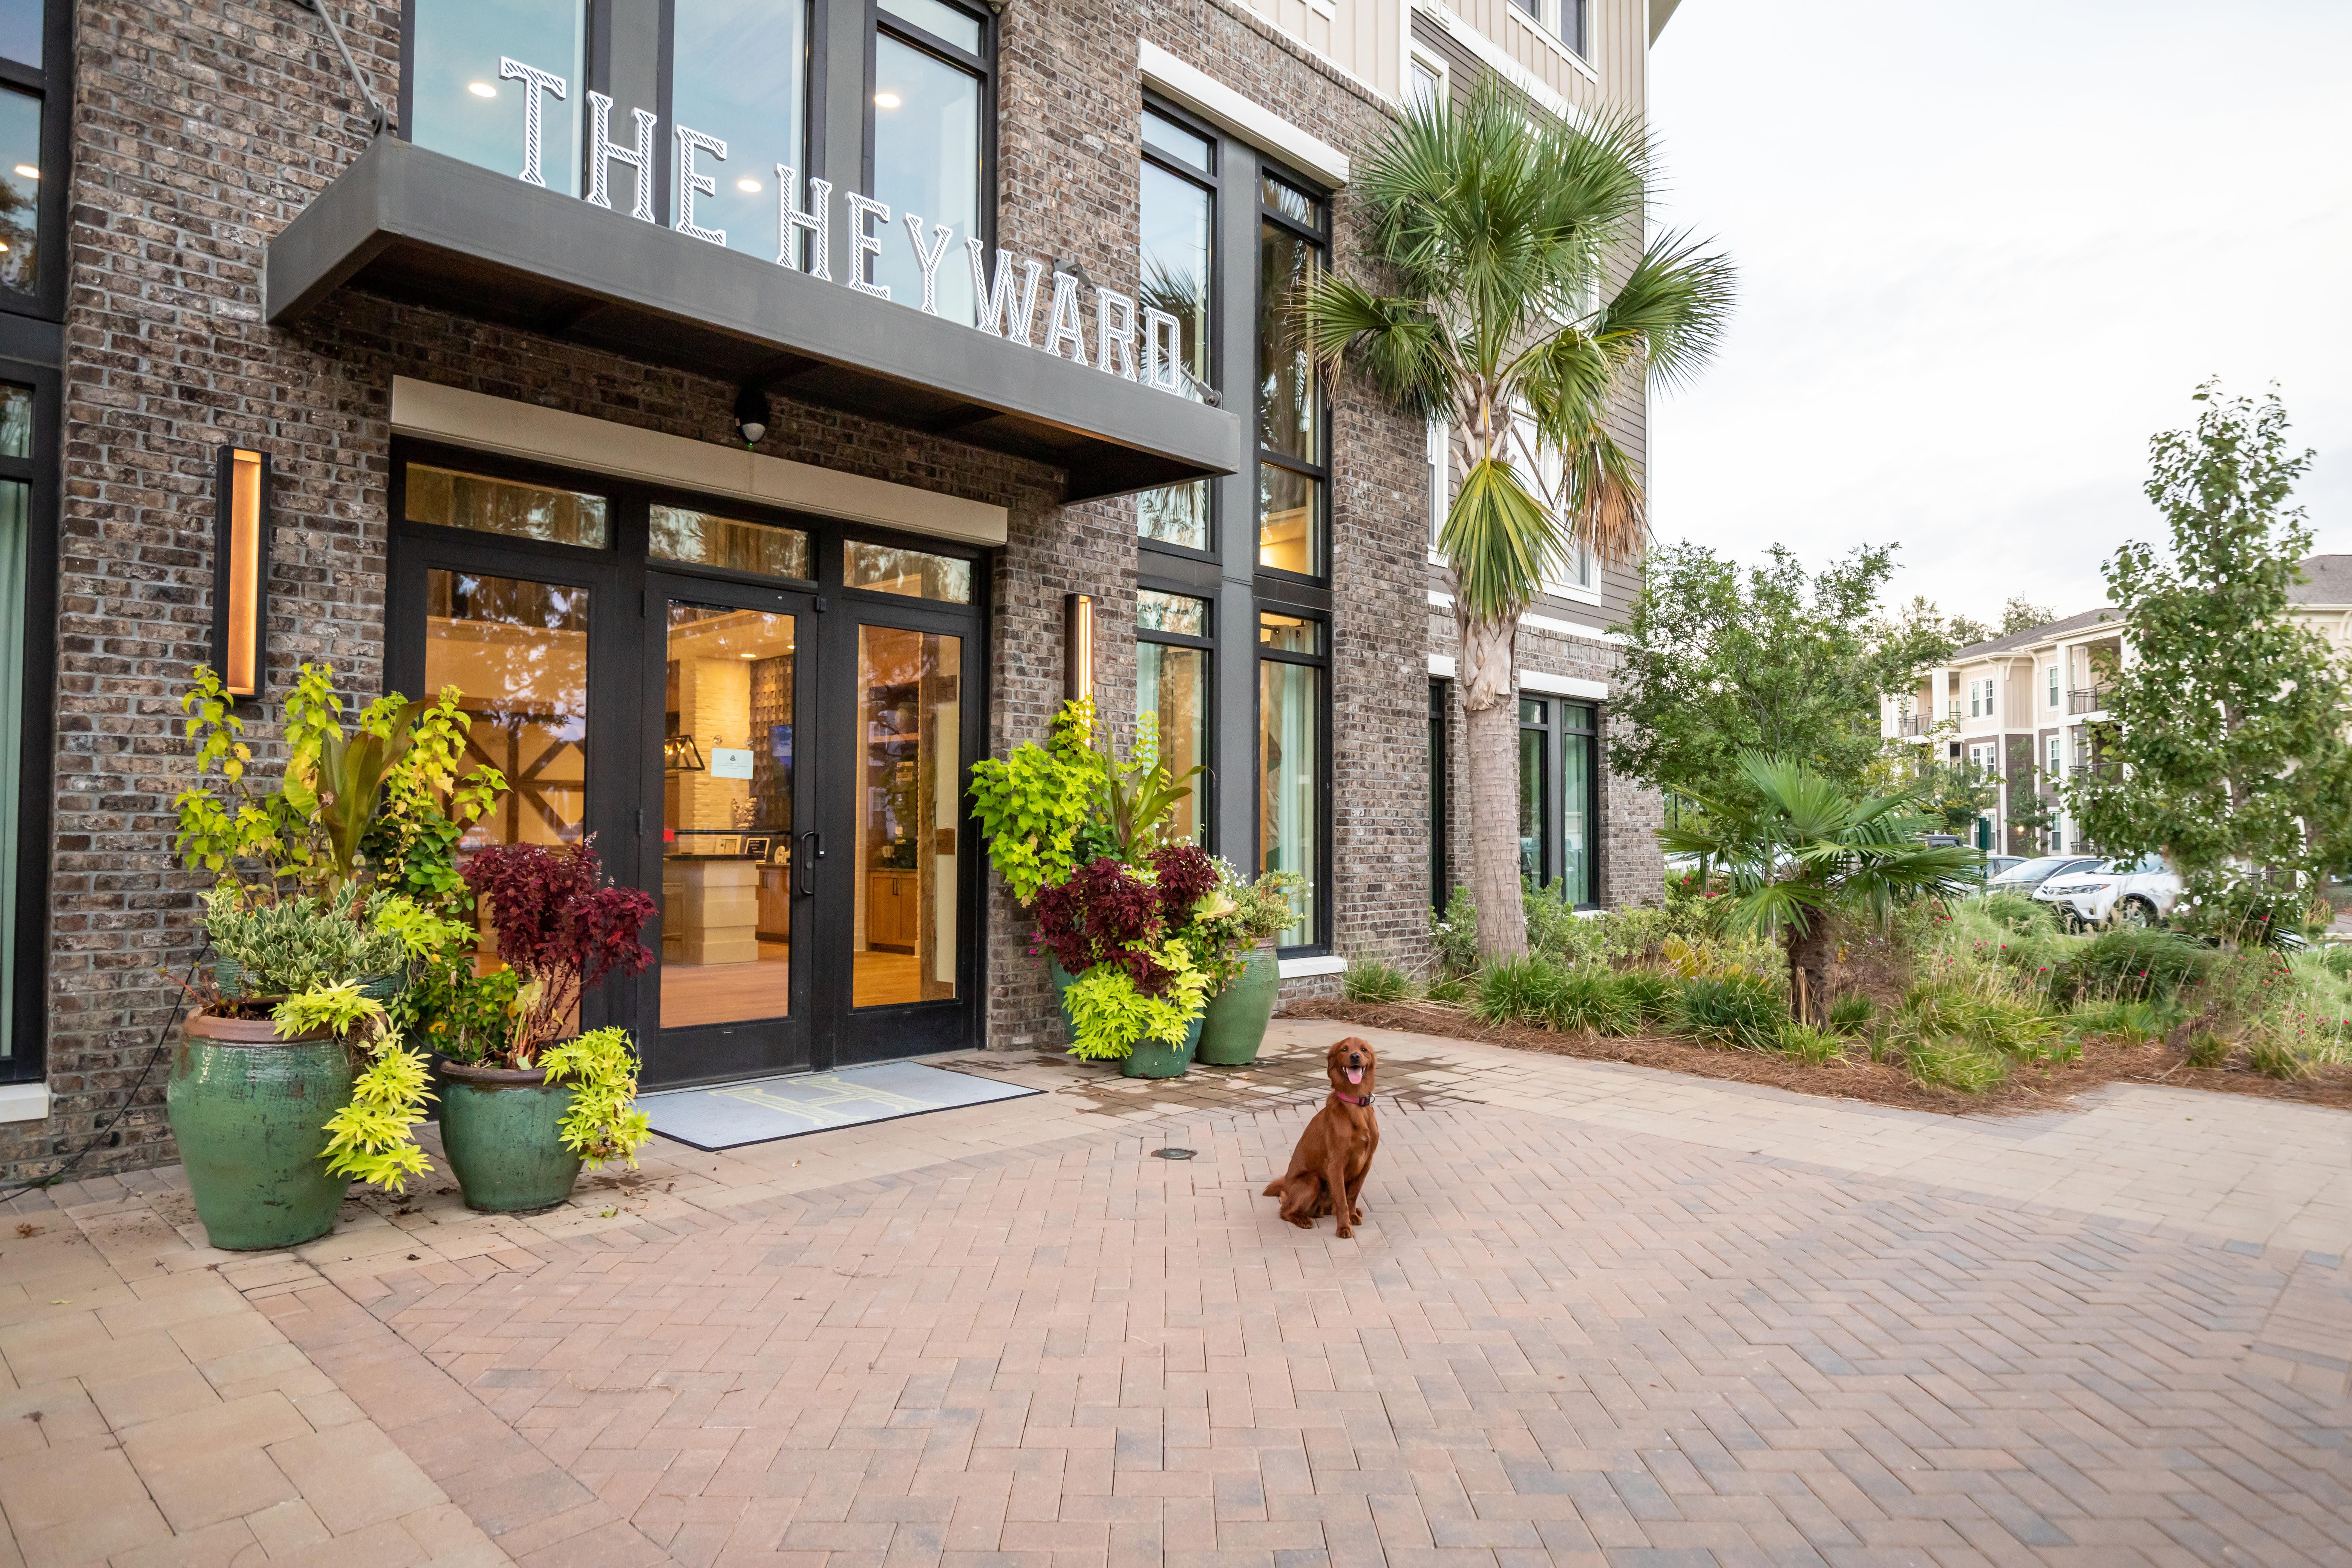 Exterior at The Heyward in Charleston, South Carolina